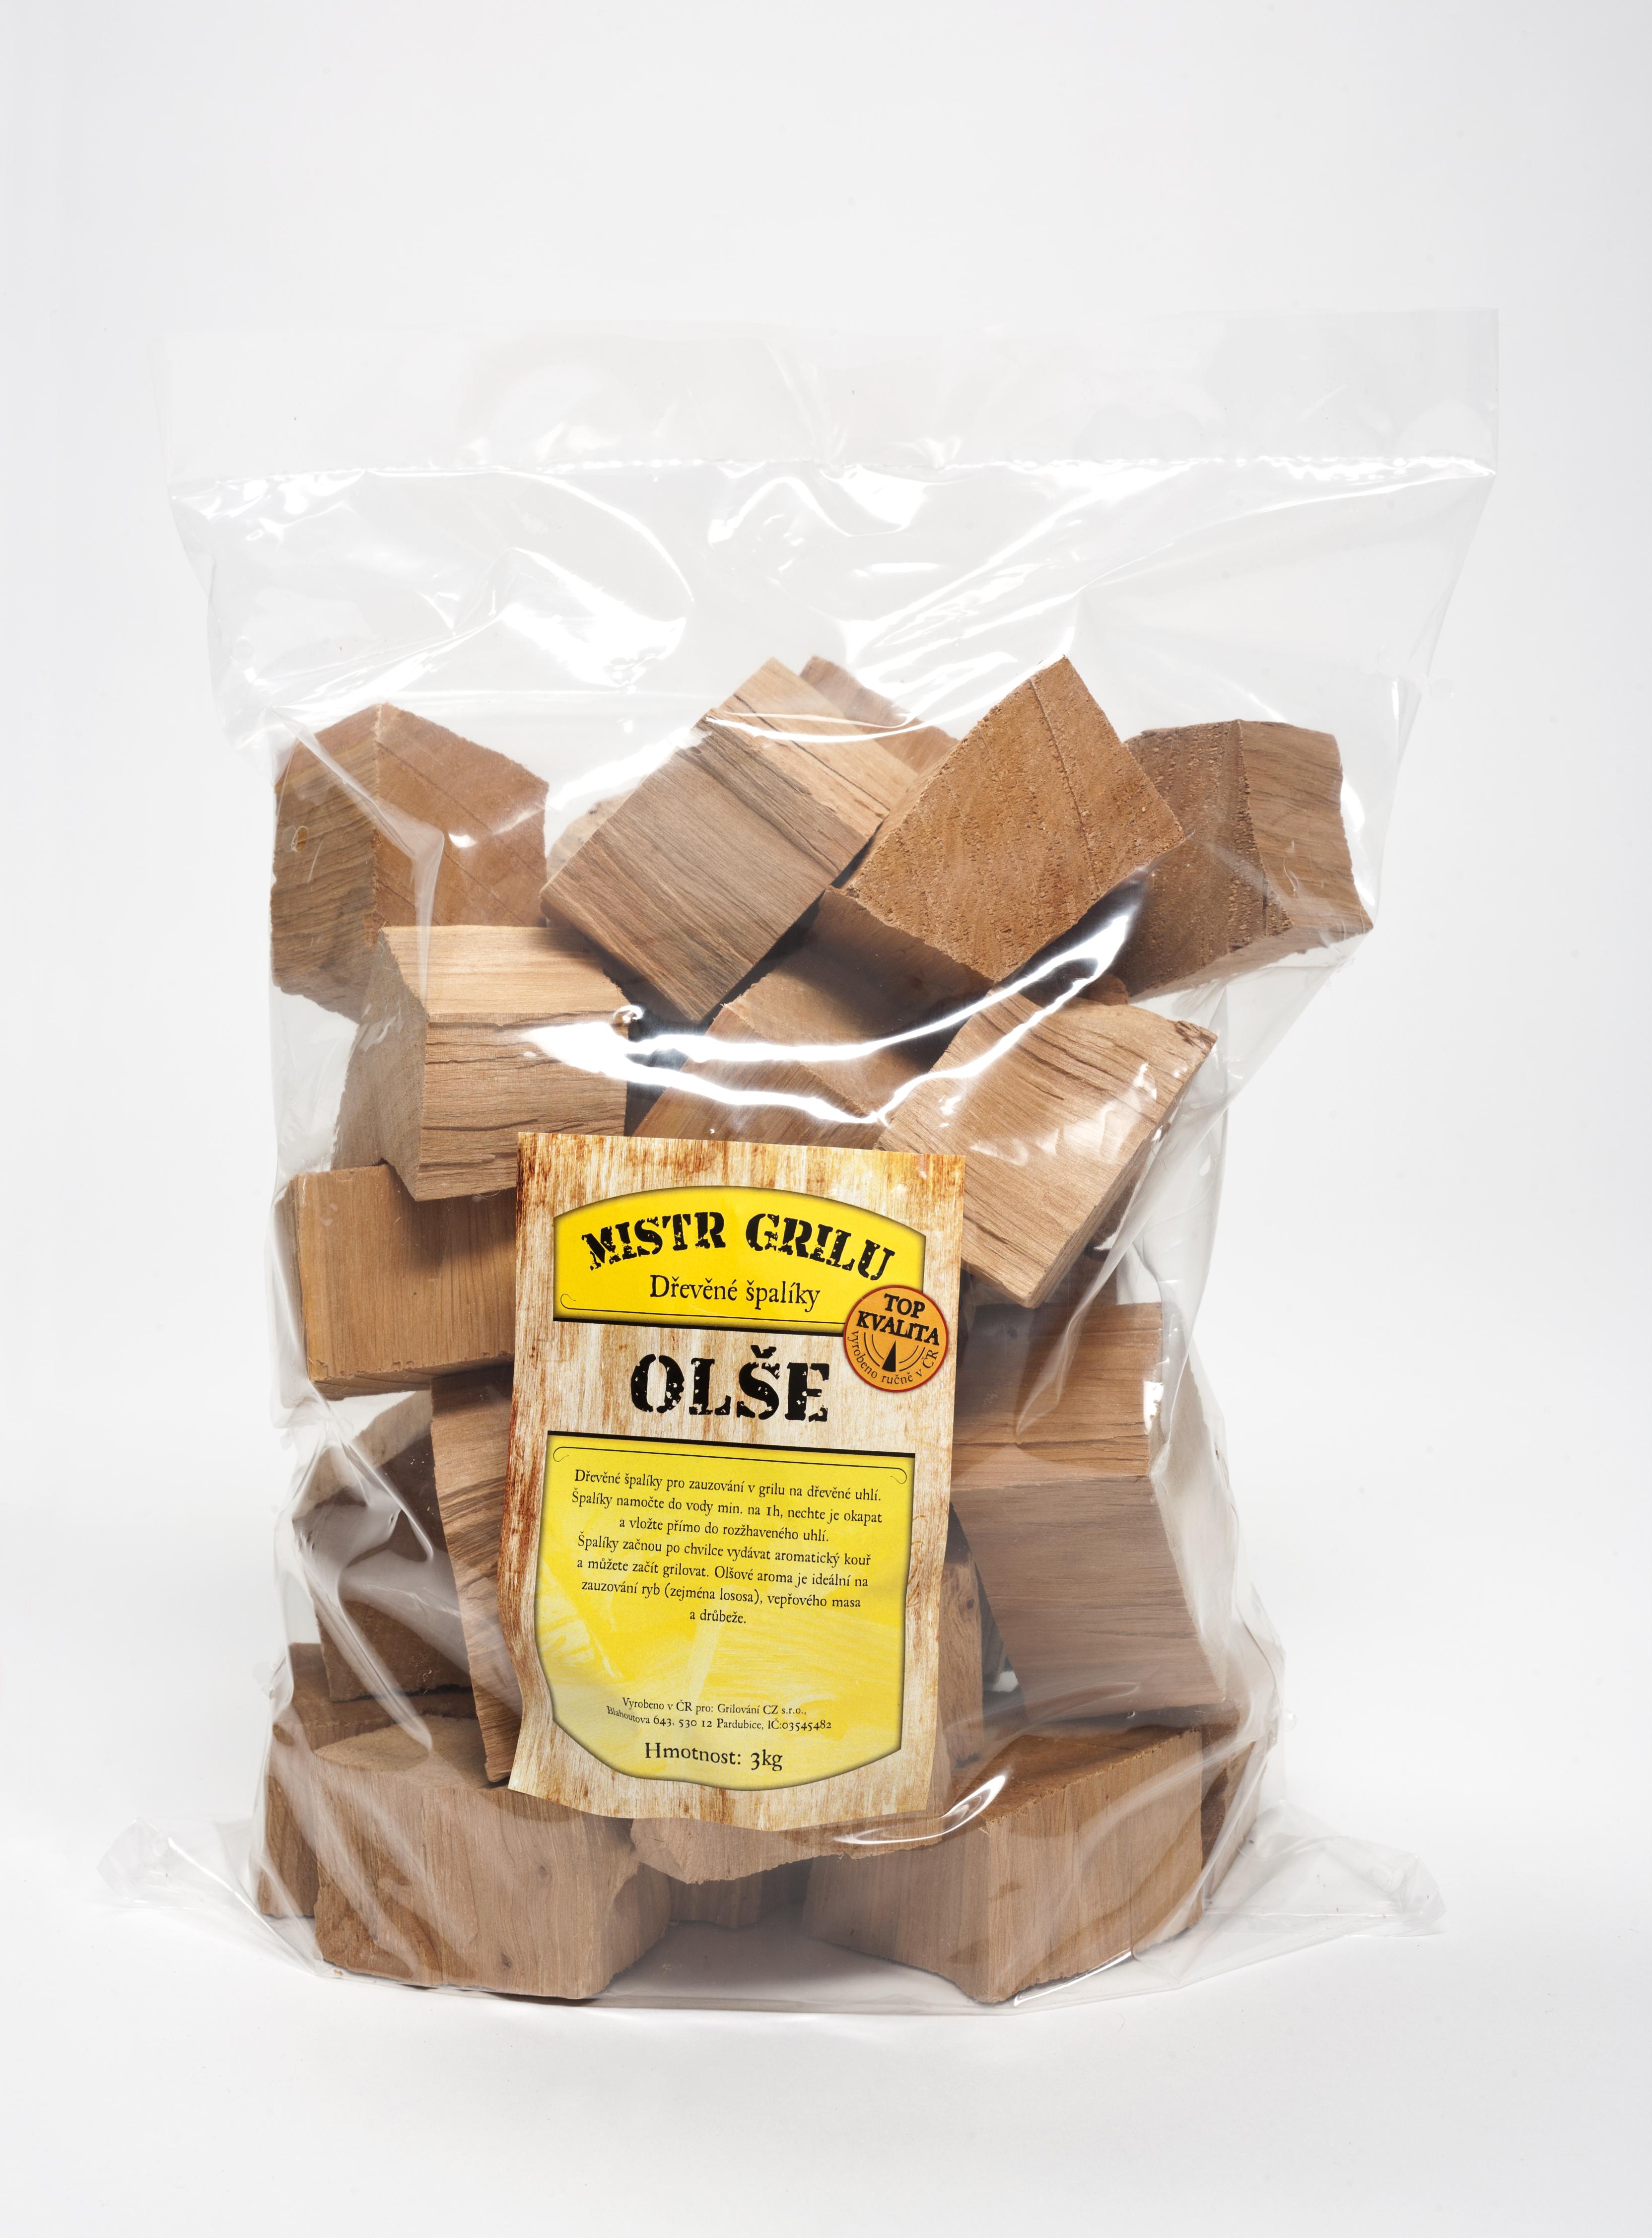 Dřevěné špalíky k uzení 3kg - OLŠE